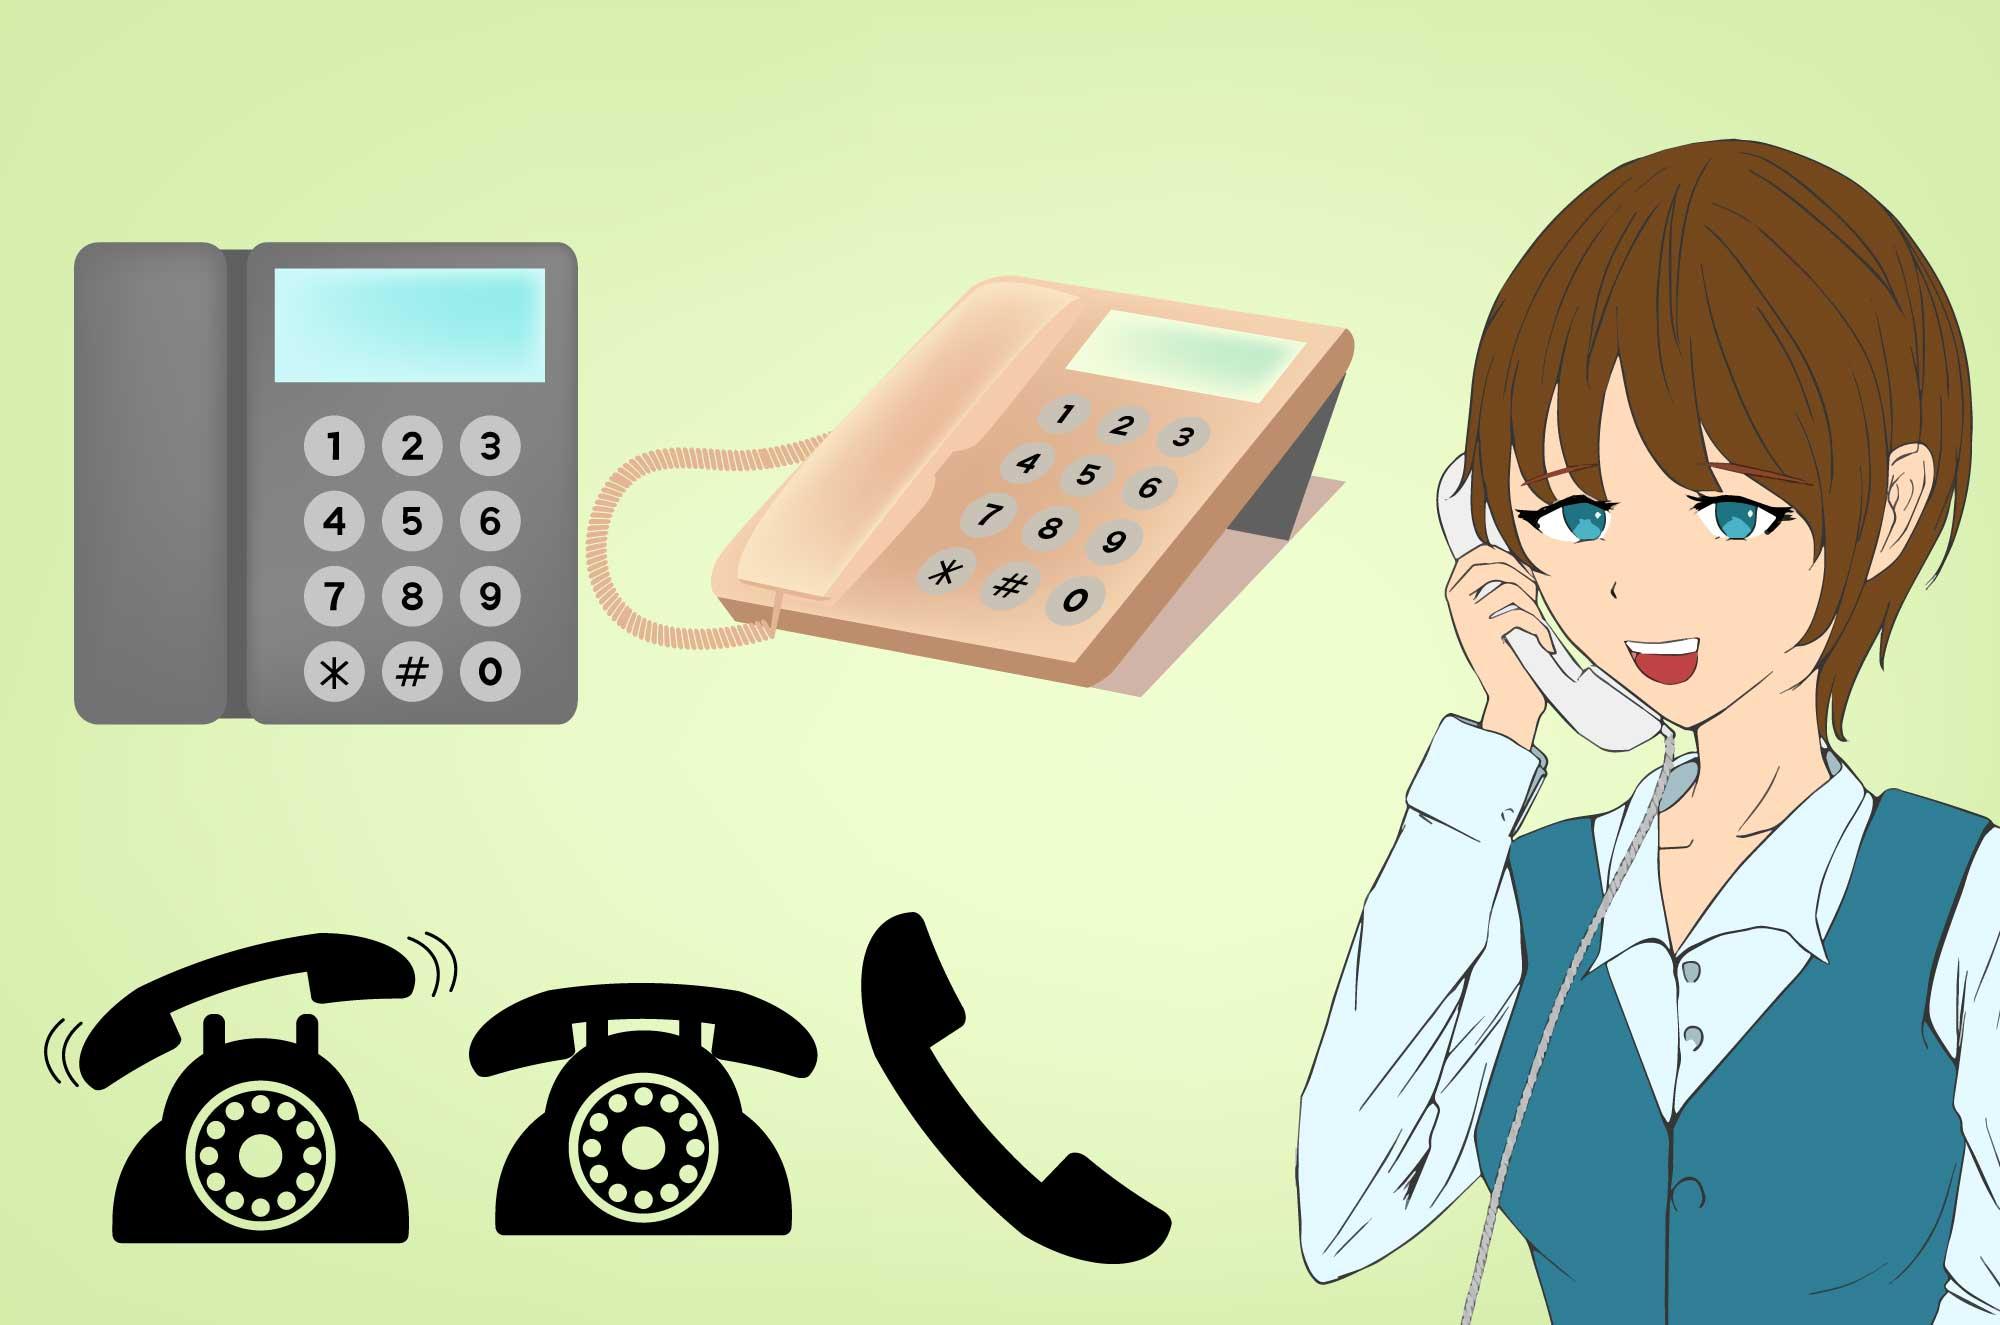 電話の無料イラスト - アイコン・電話をかける人